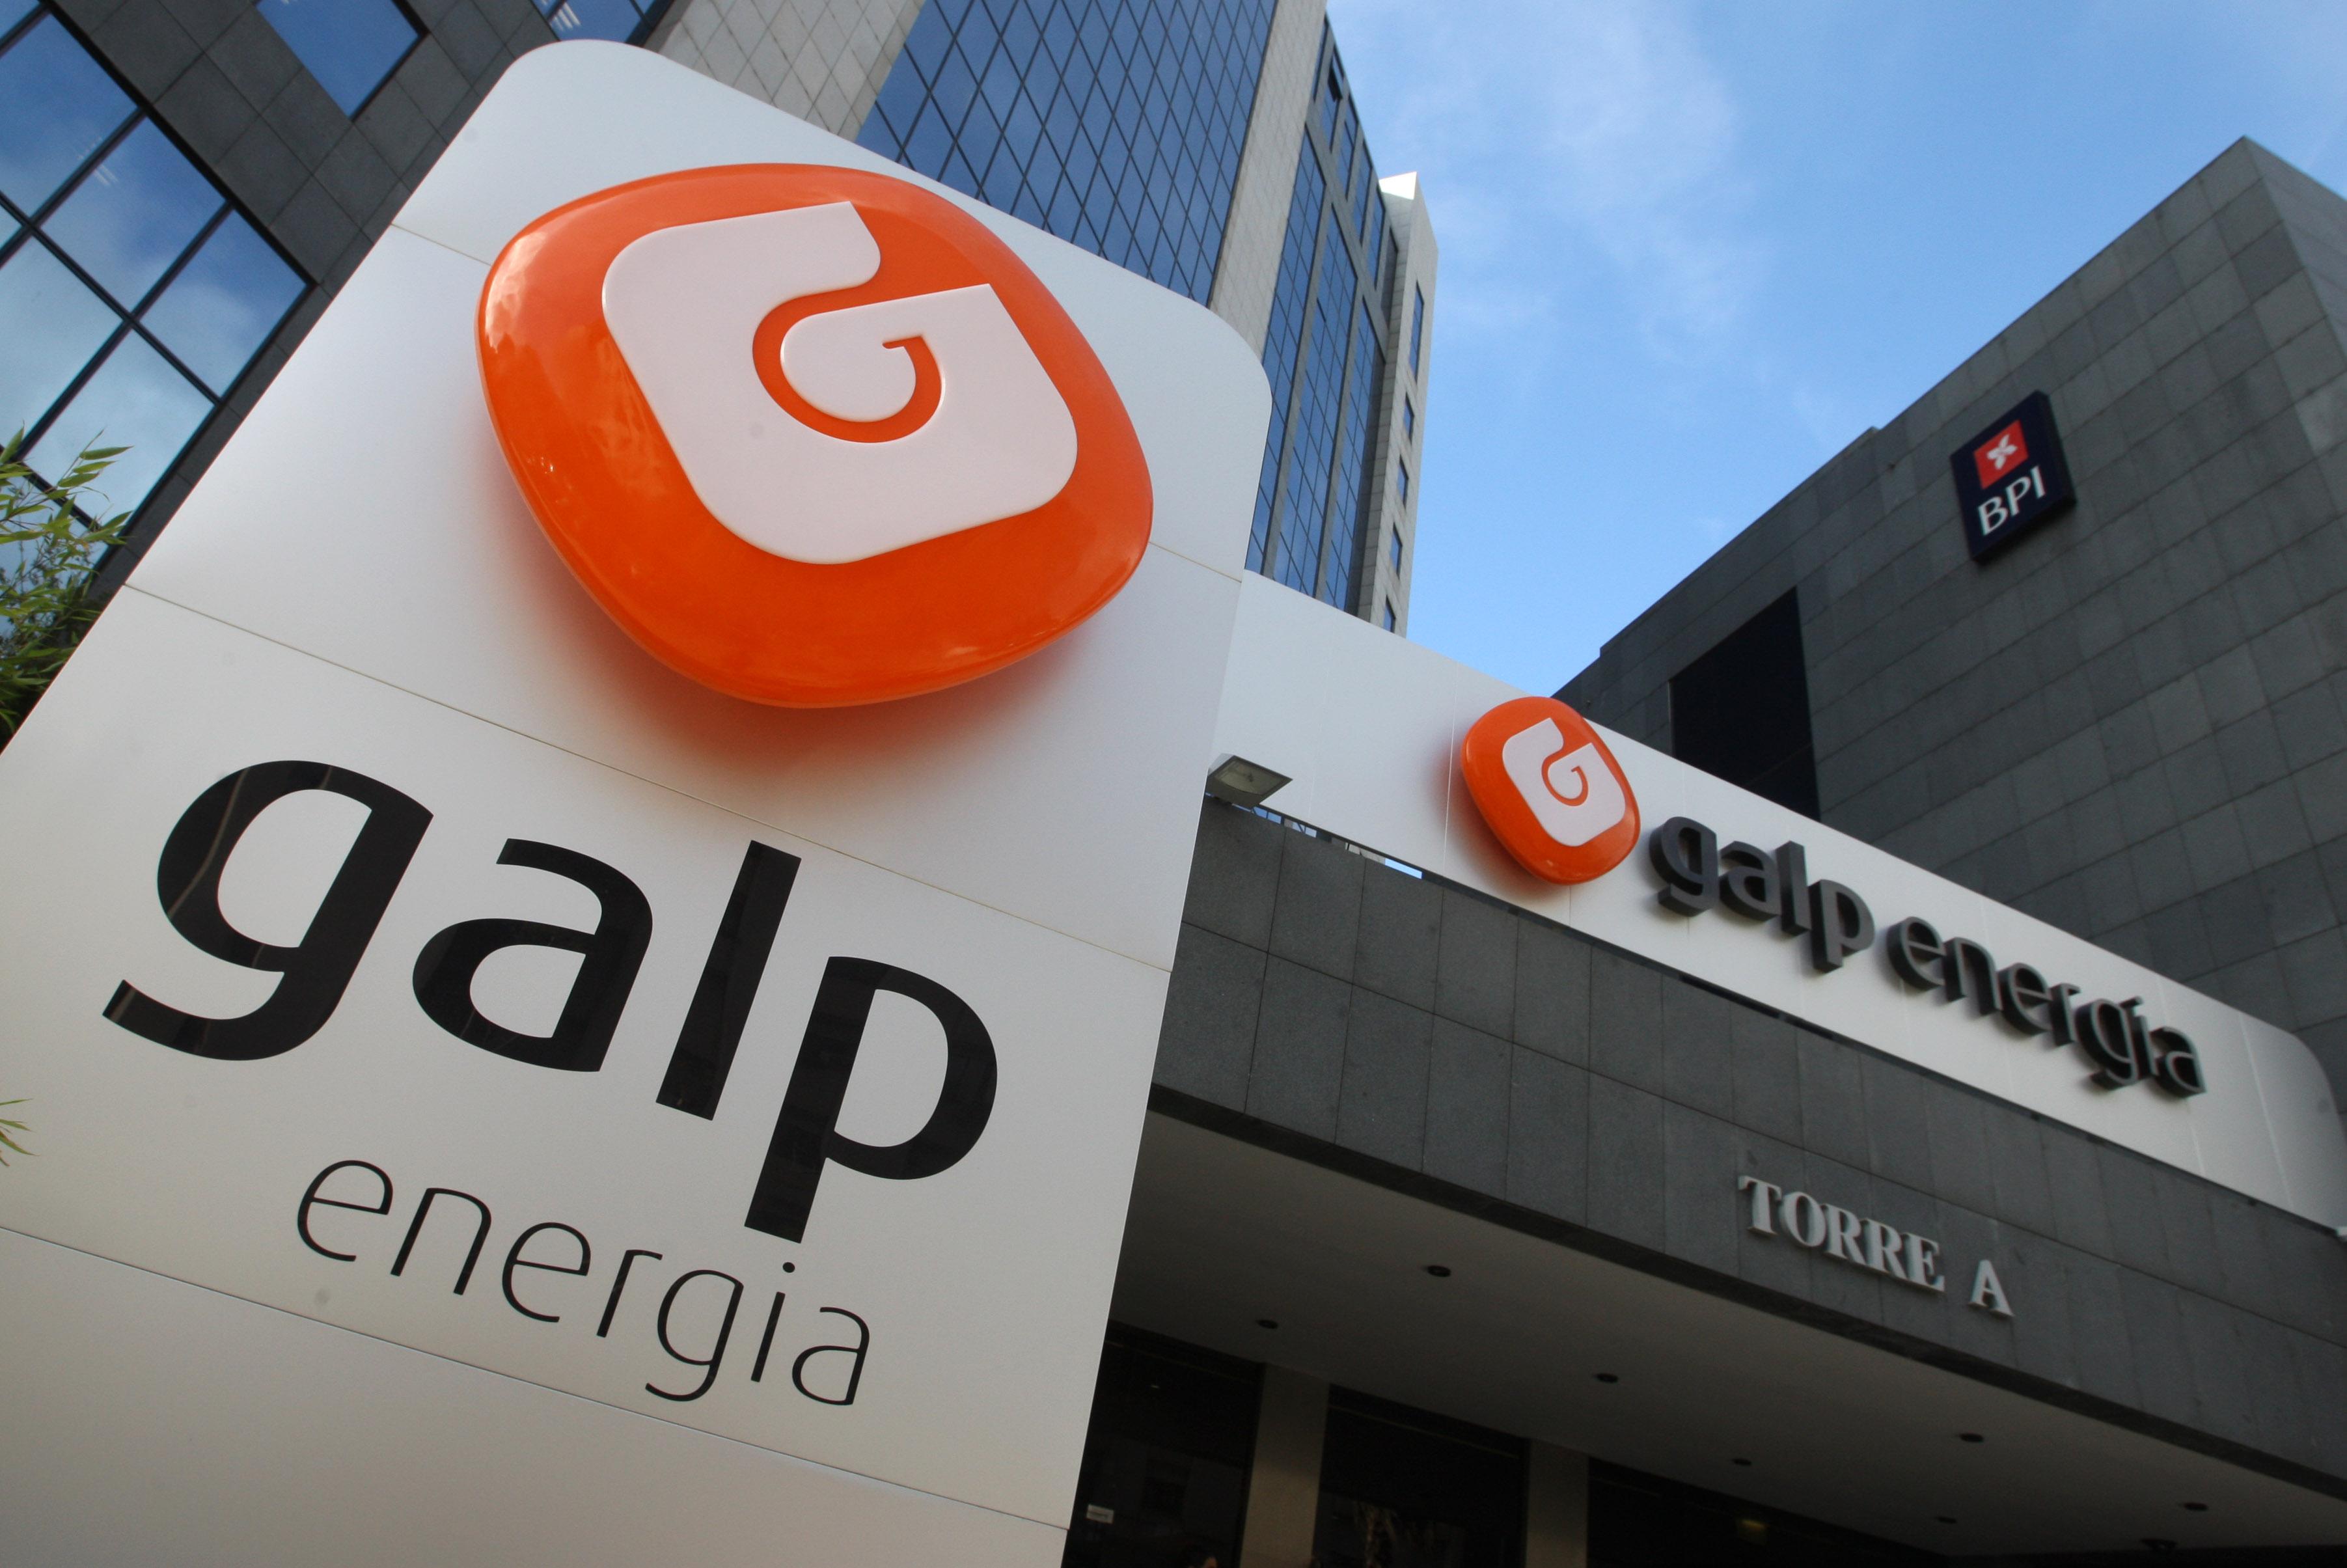 Galp diz não ser responsável por factos que levaram à aplicação da multa de Espanha